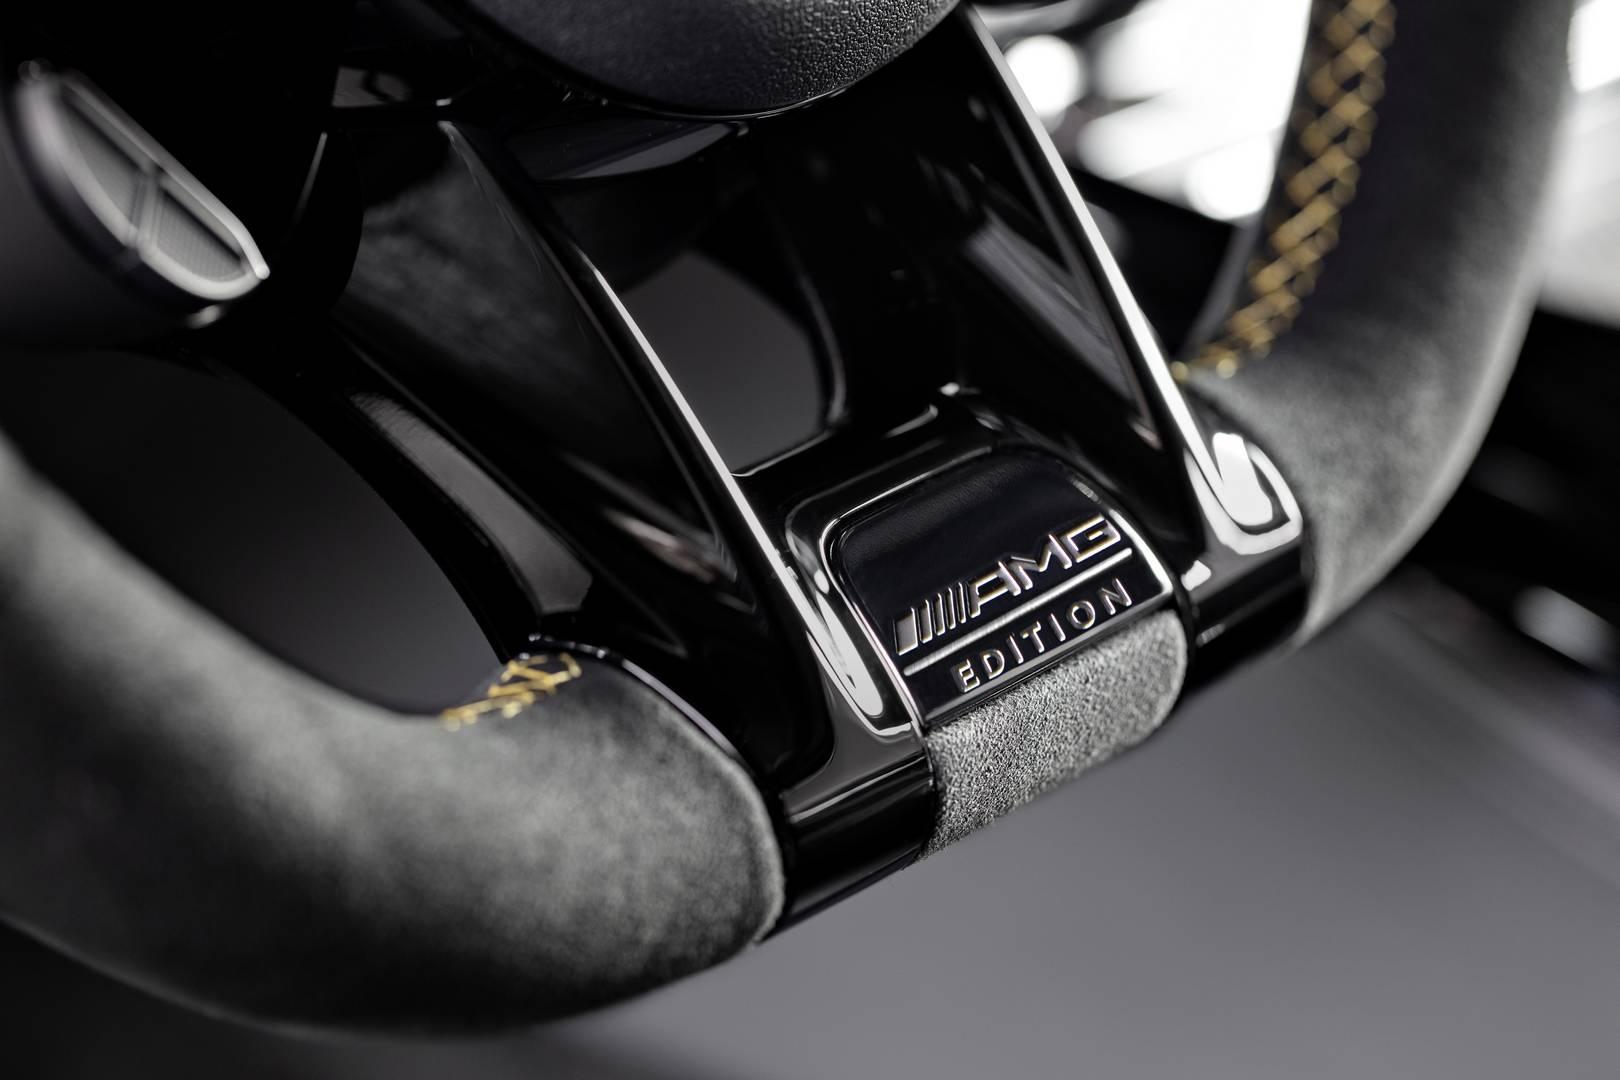 Рулевое колесо AMG Performance отделано микрофиброй и имеет желтую контрастную футеровку и матовую отделку карбоном.